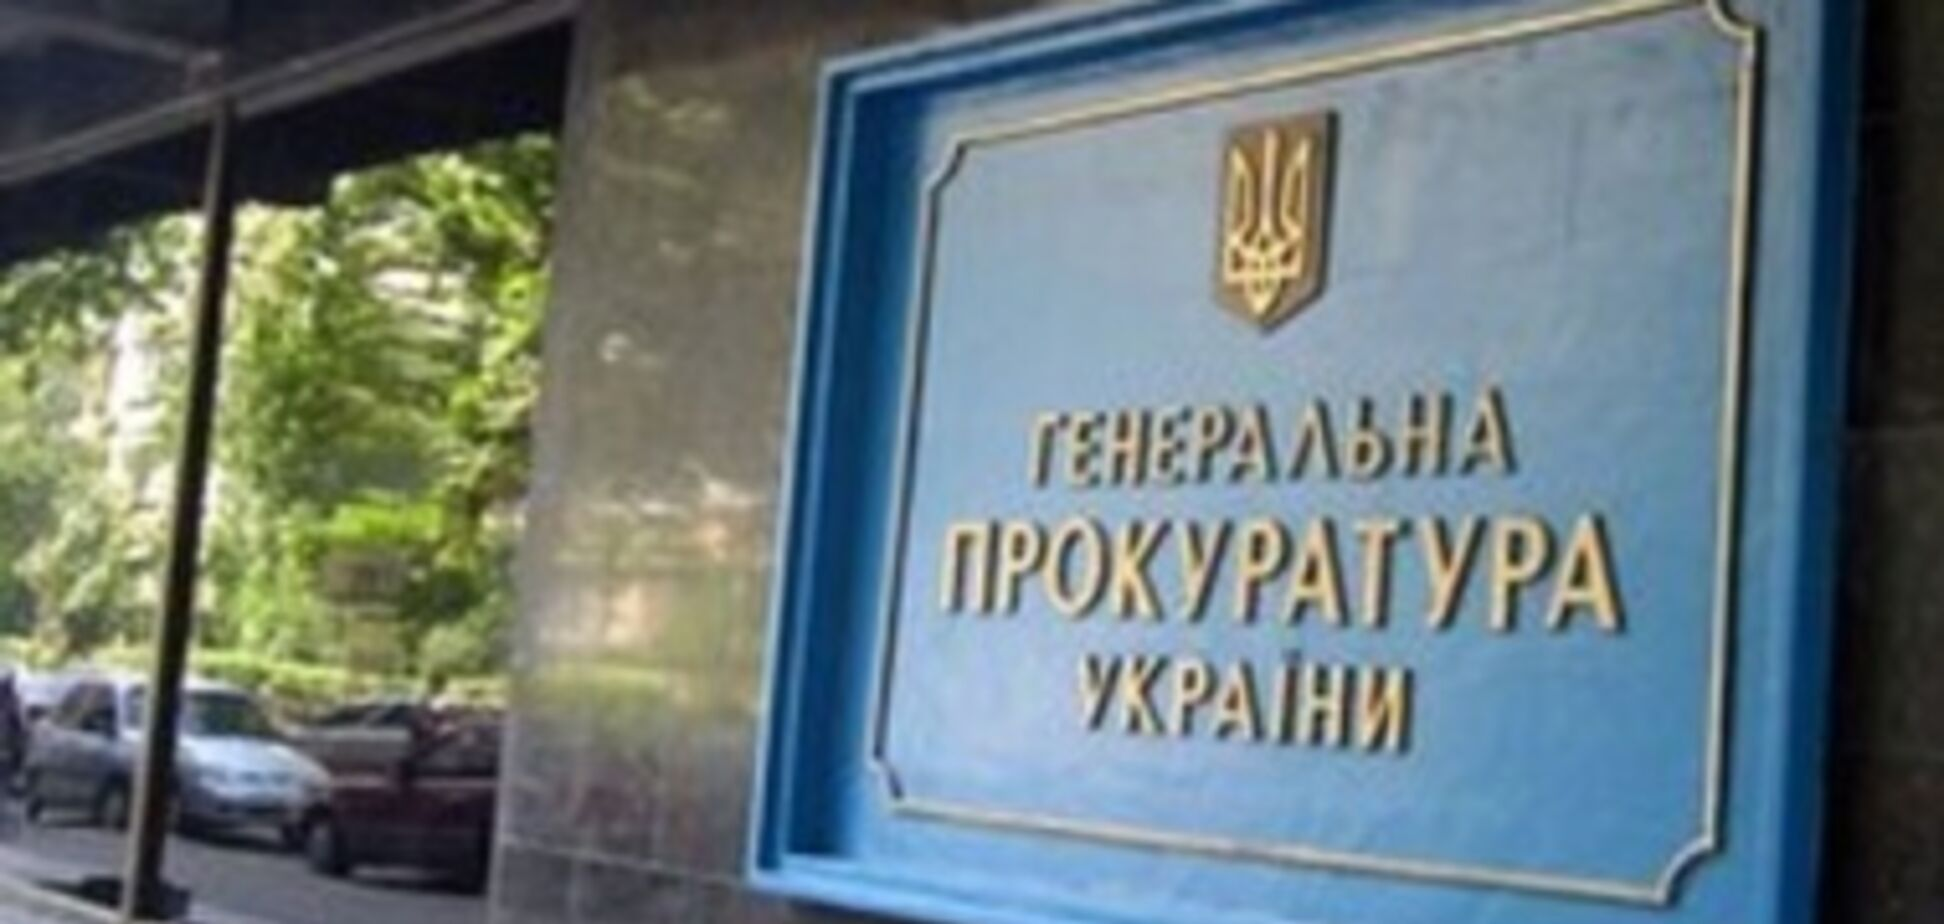 Надзвичайне повідомлення: ГПУ збирається звинуватити в державній зраді Порошенка